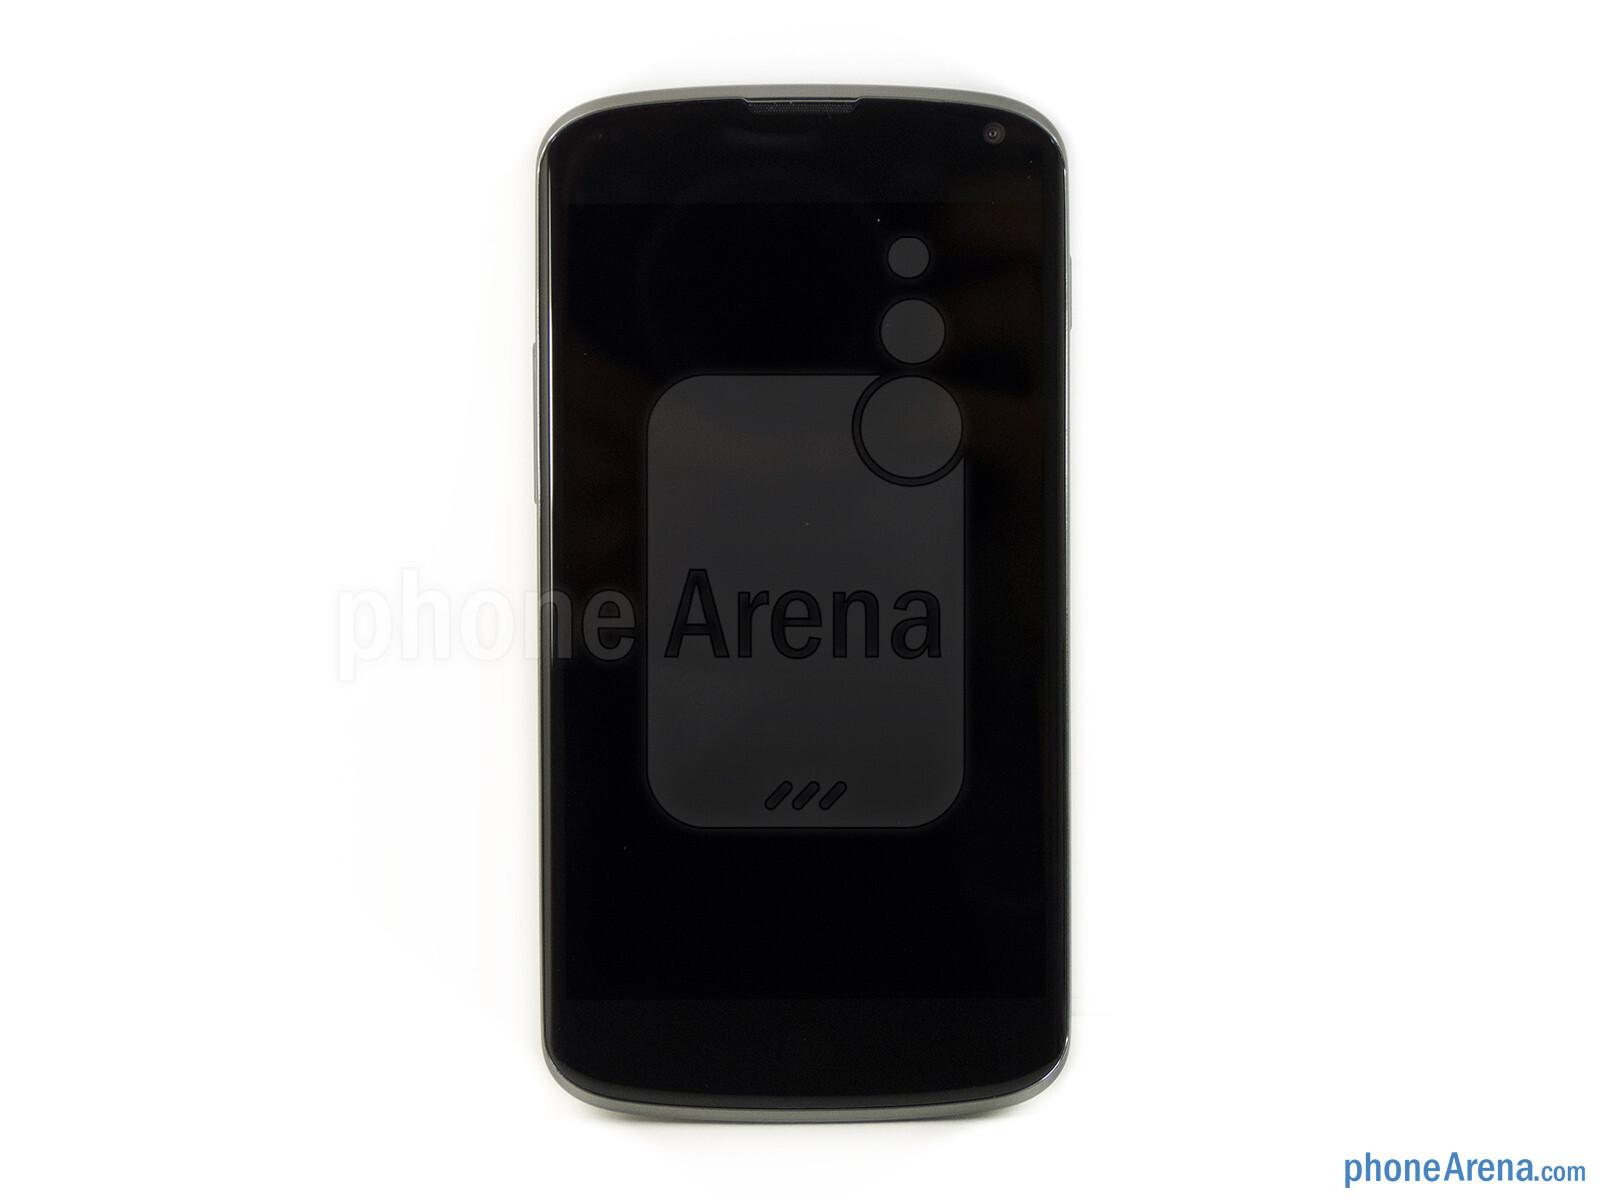 Google nexus 4 review pictures it pro - Google Nexus 4 Review Pictures It Pro 14